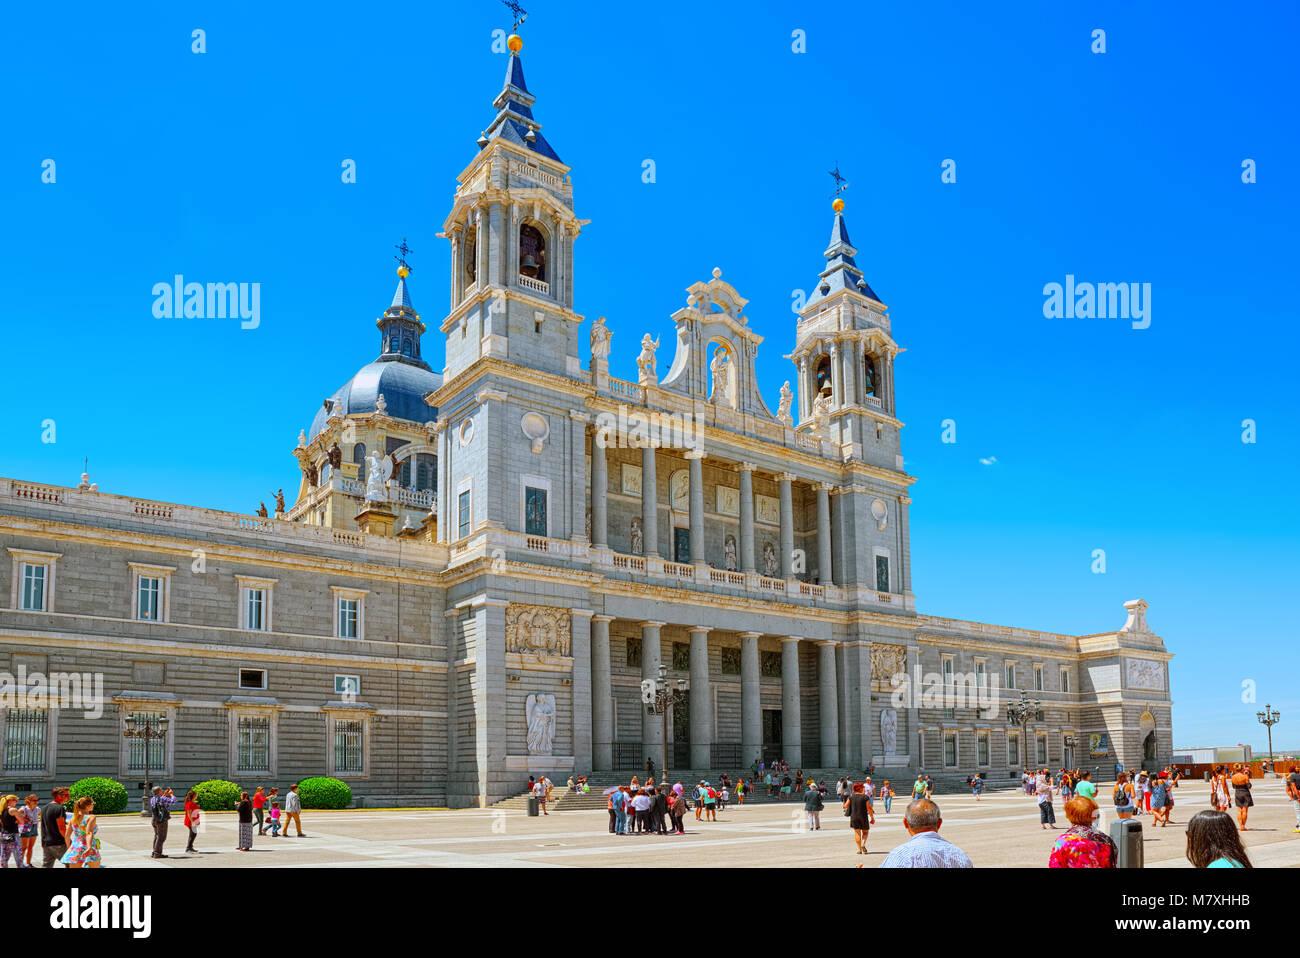 Madrid, España - Junio 05, 2017 : La Catedral de La Almudena (Catedral de Santa María la Real de la Almudena) Imagen De Stock